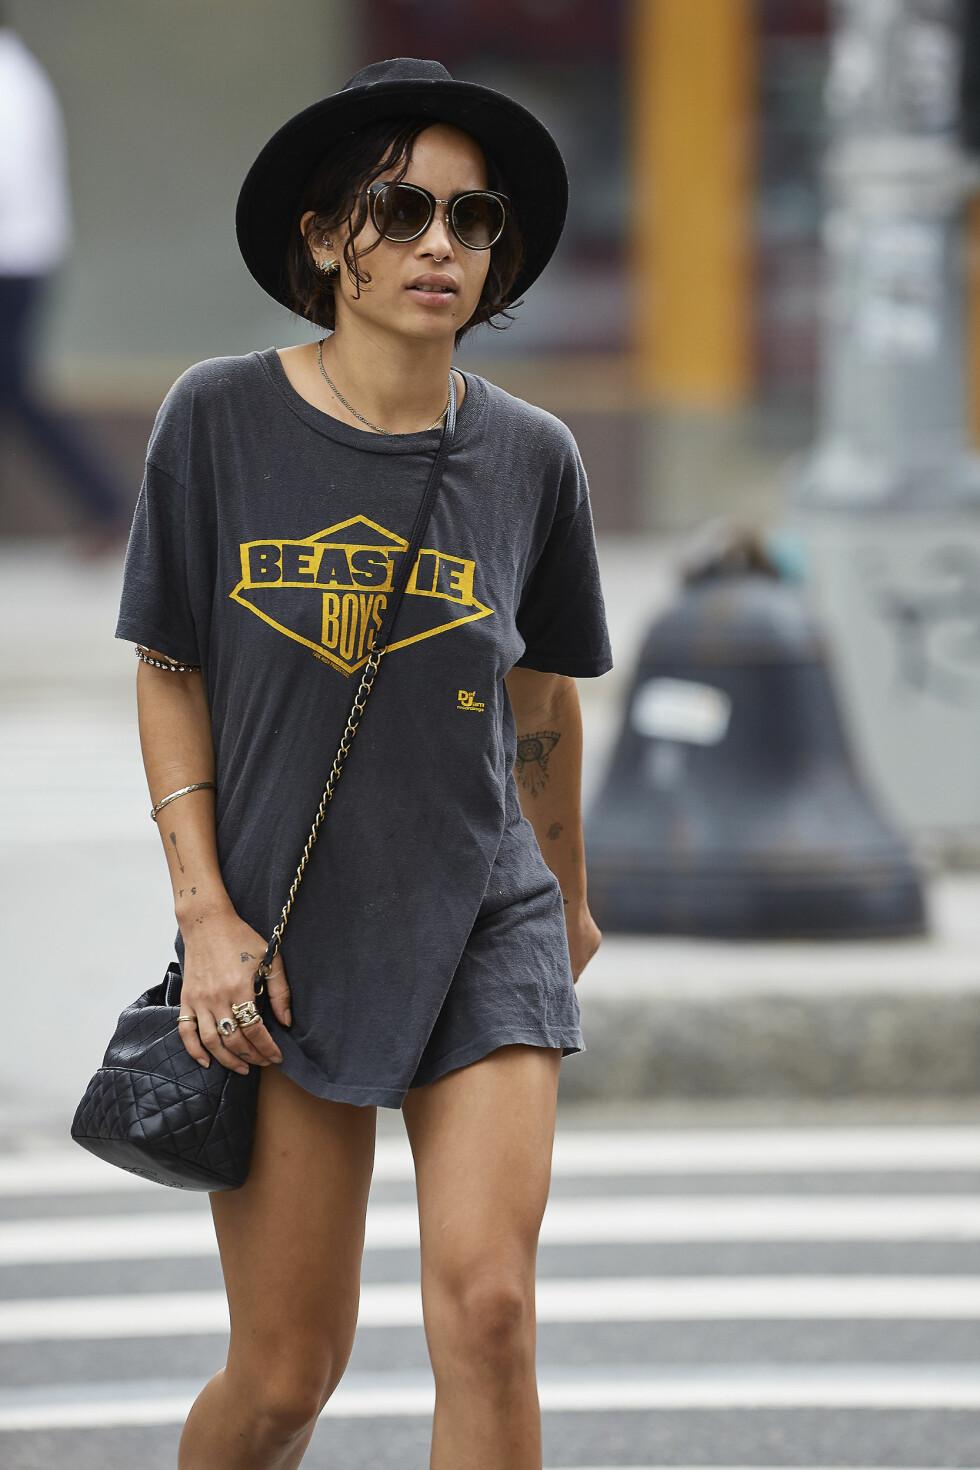 Zoe er datter av rocke-legenden Lenny Kravitz, og hun har den rocka looken i blodet.  Foto: All Over